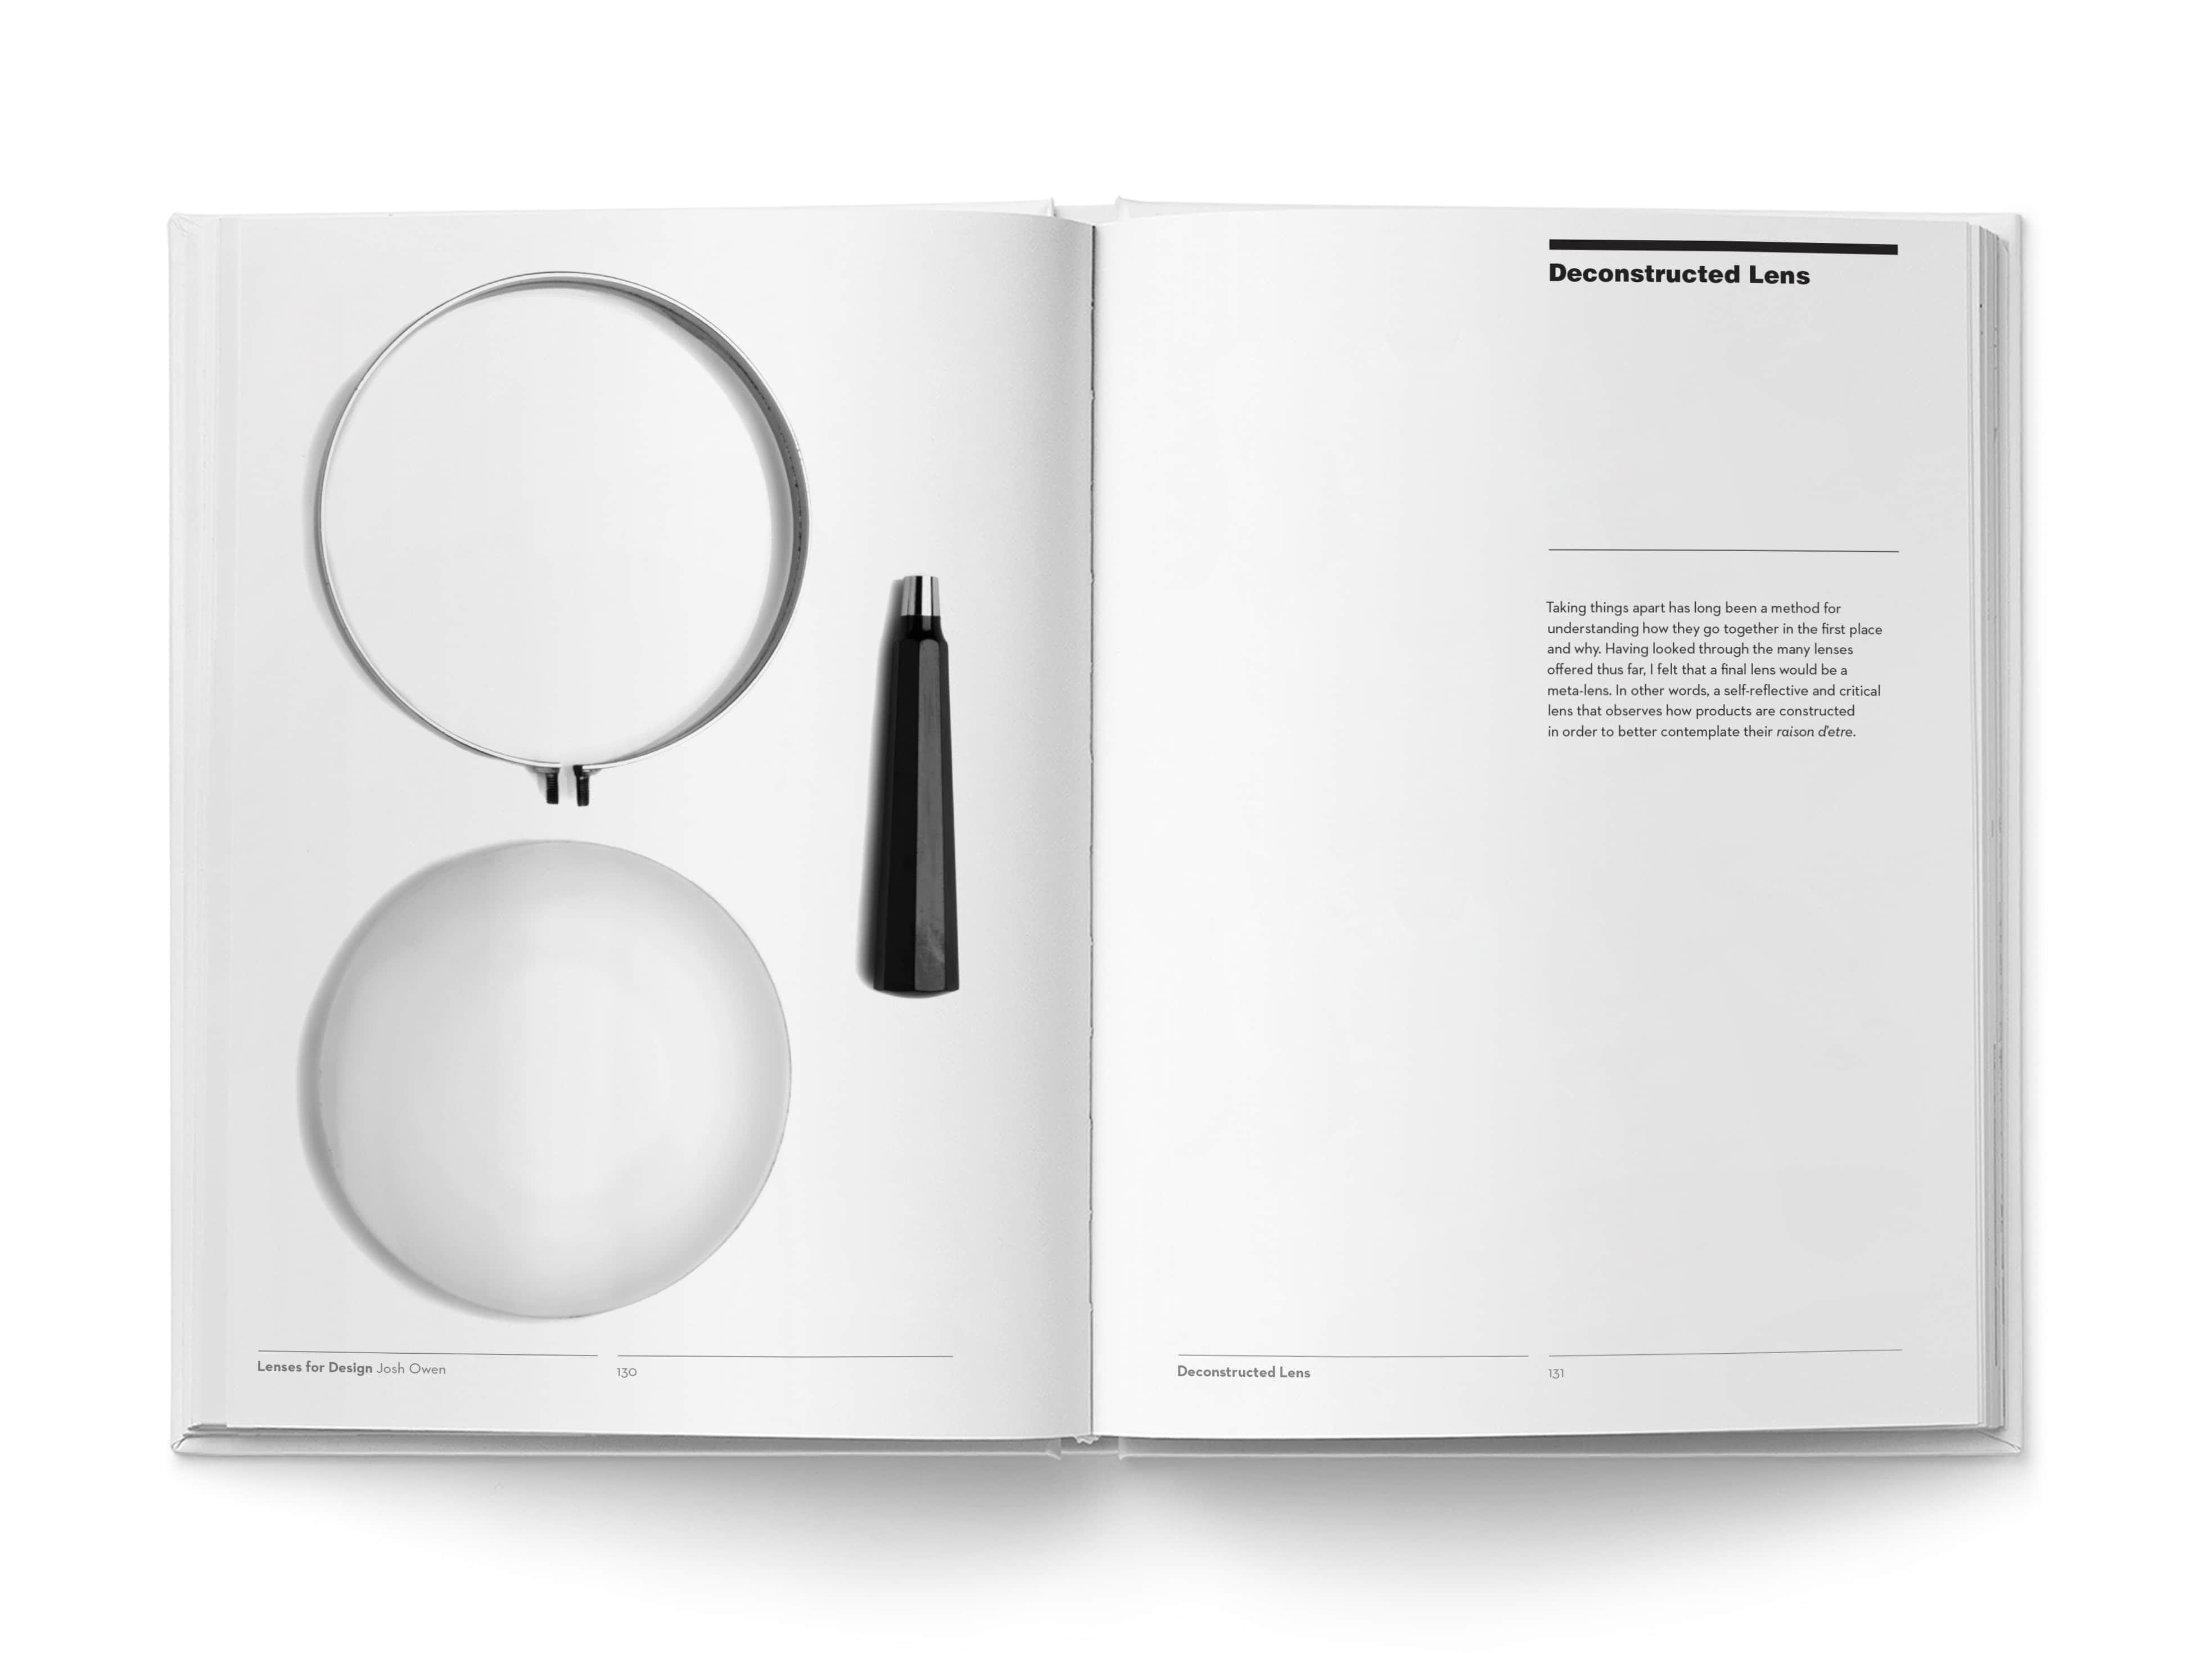 Lenses for Design Book